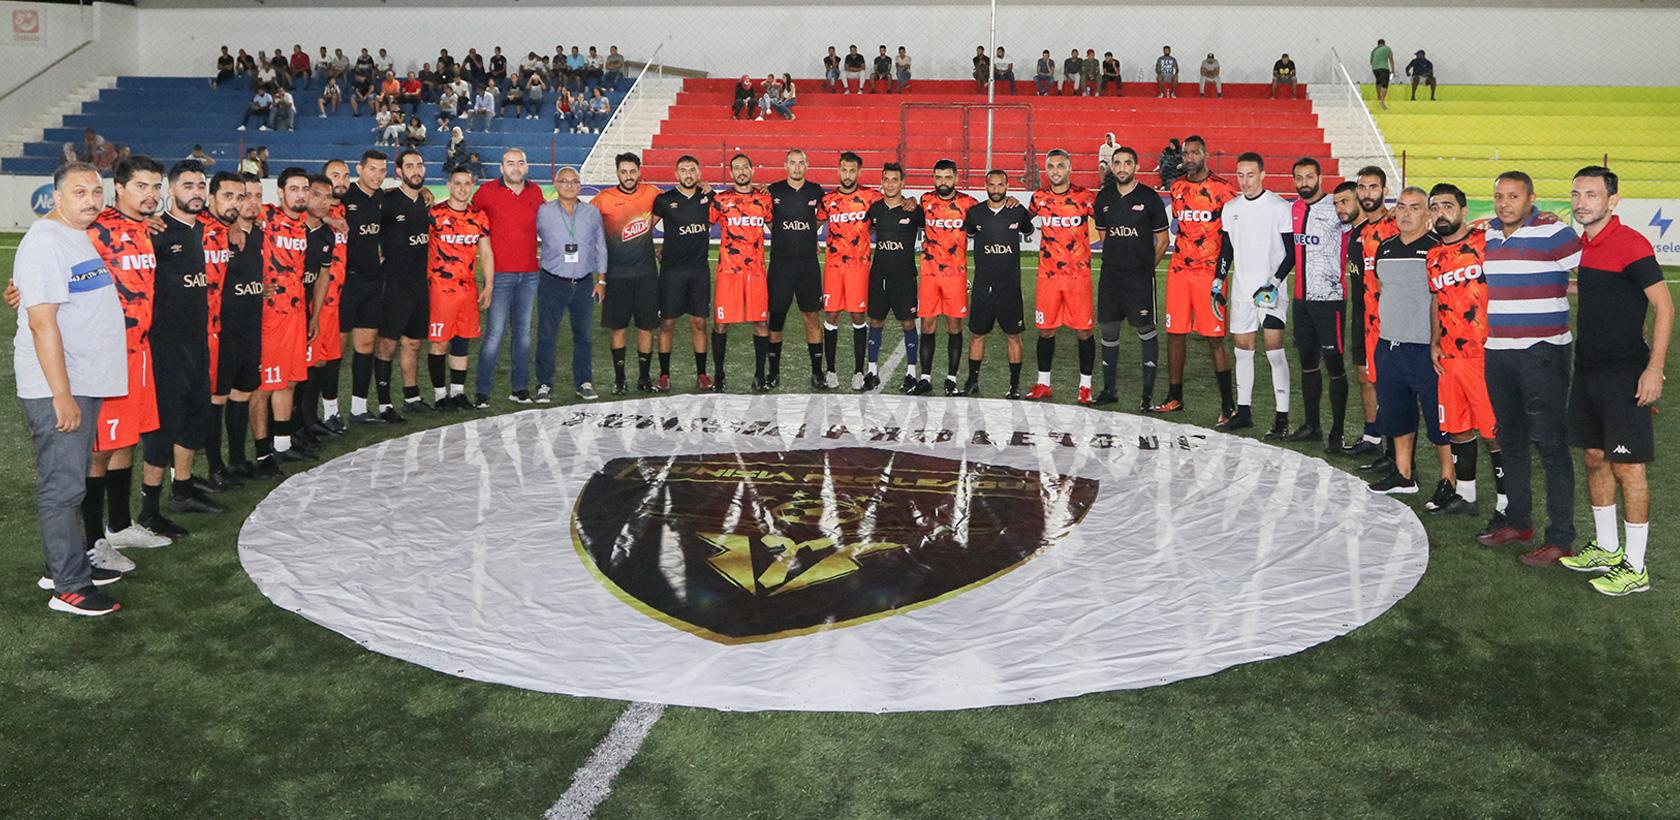 L'équipe de football d'Italcar vainqueur de la TPL